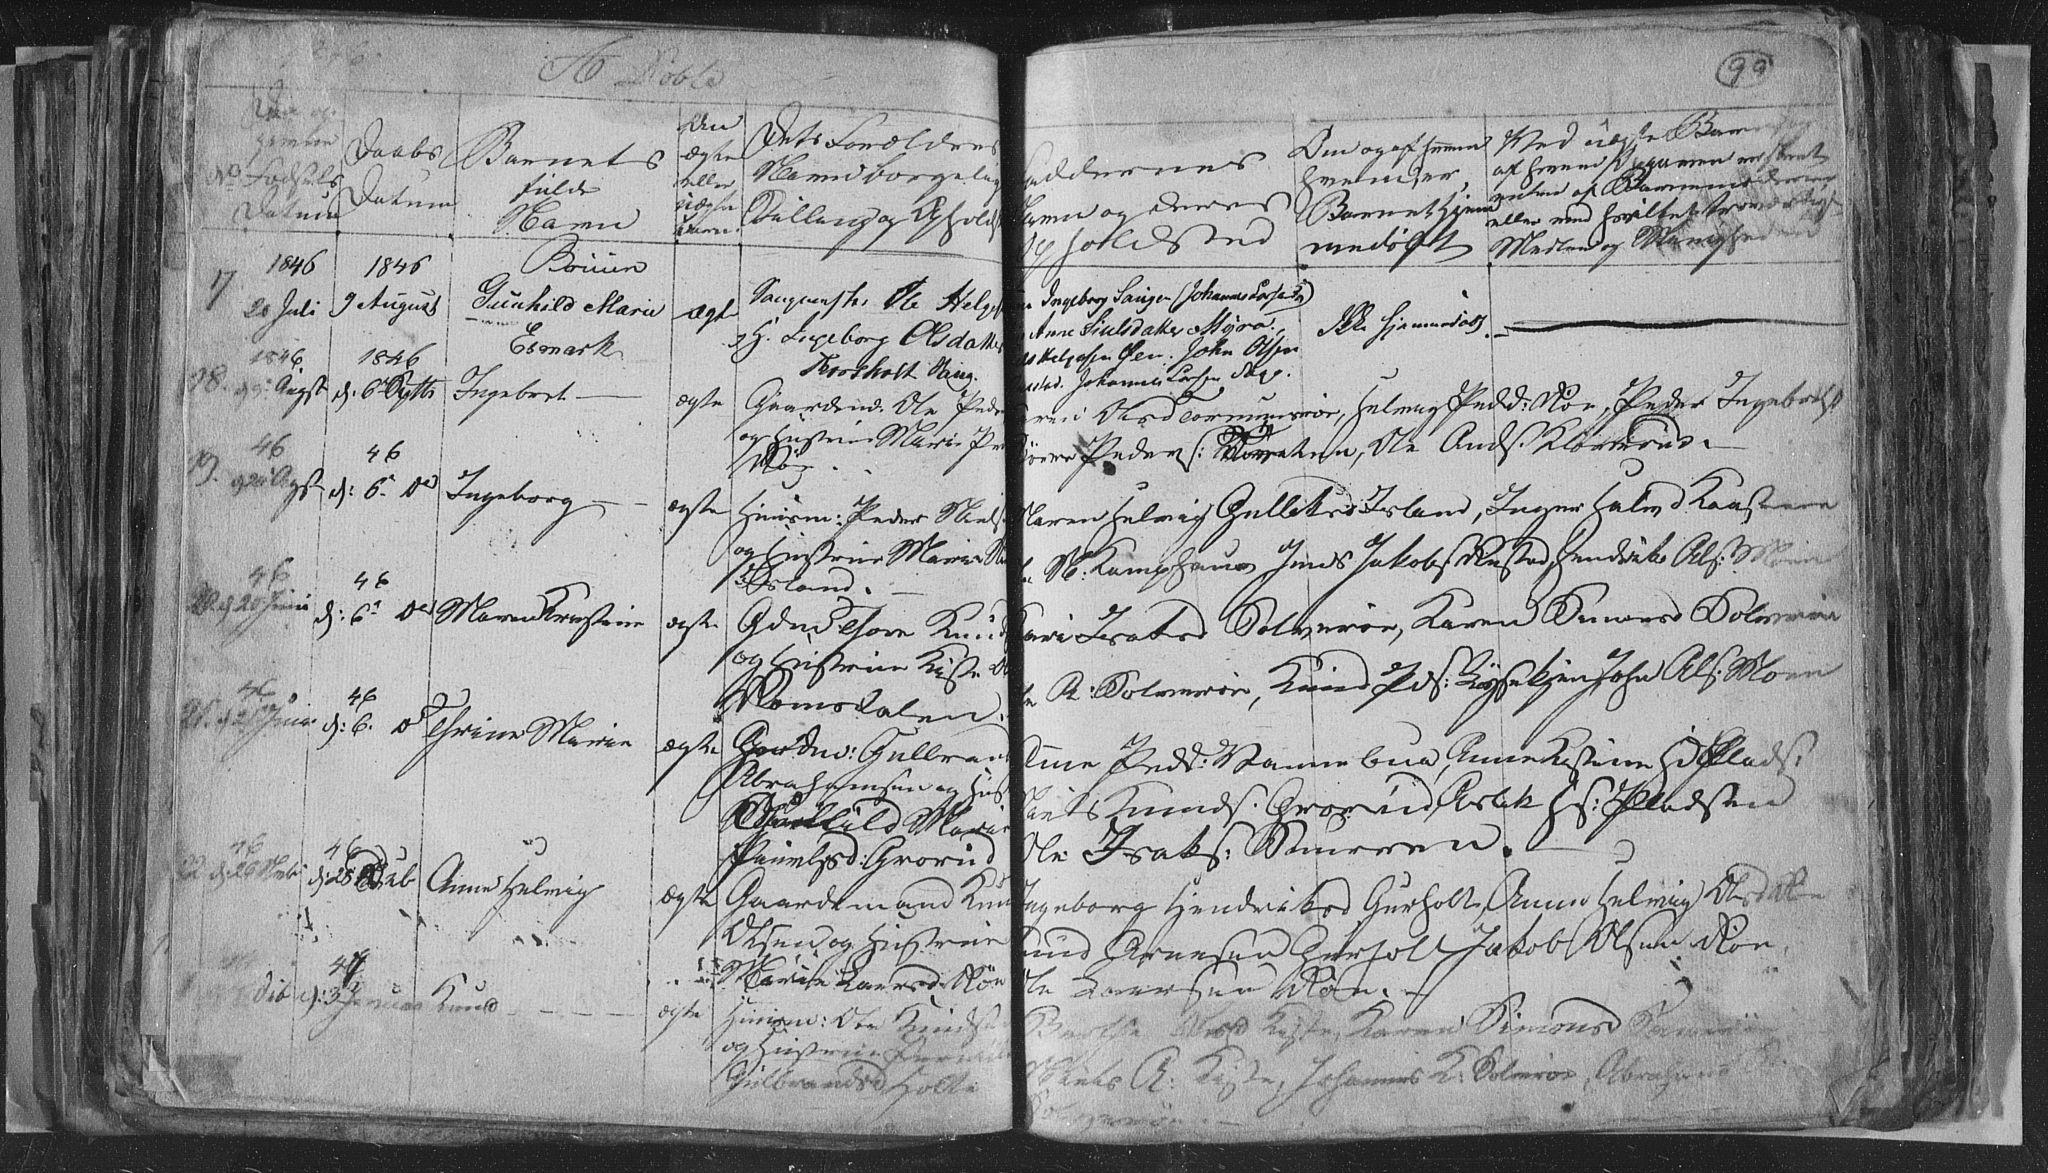 SAKO, Siljan kirkebøker, G/Ga/L0001: Klokkerbok nr. 1, 1827-1847, s. 99